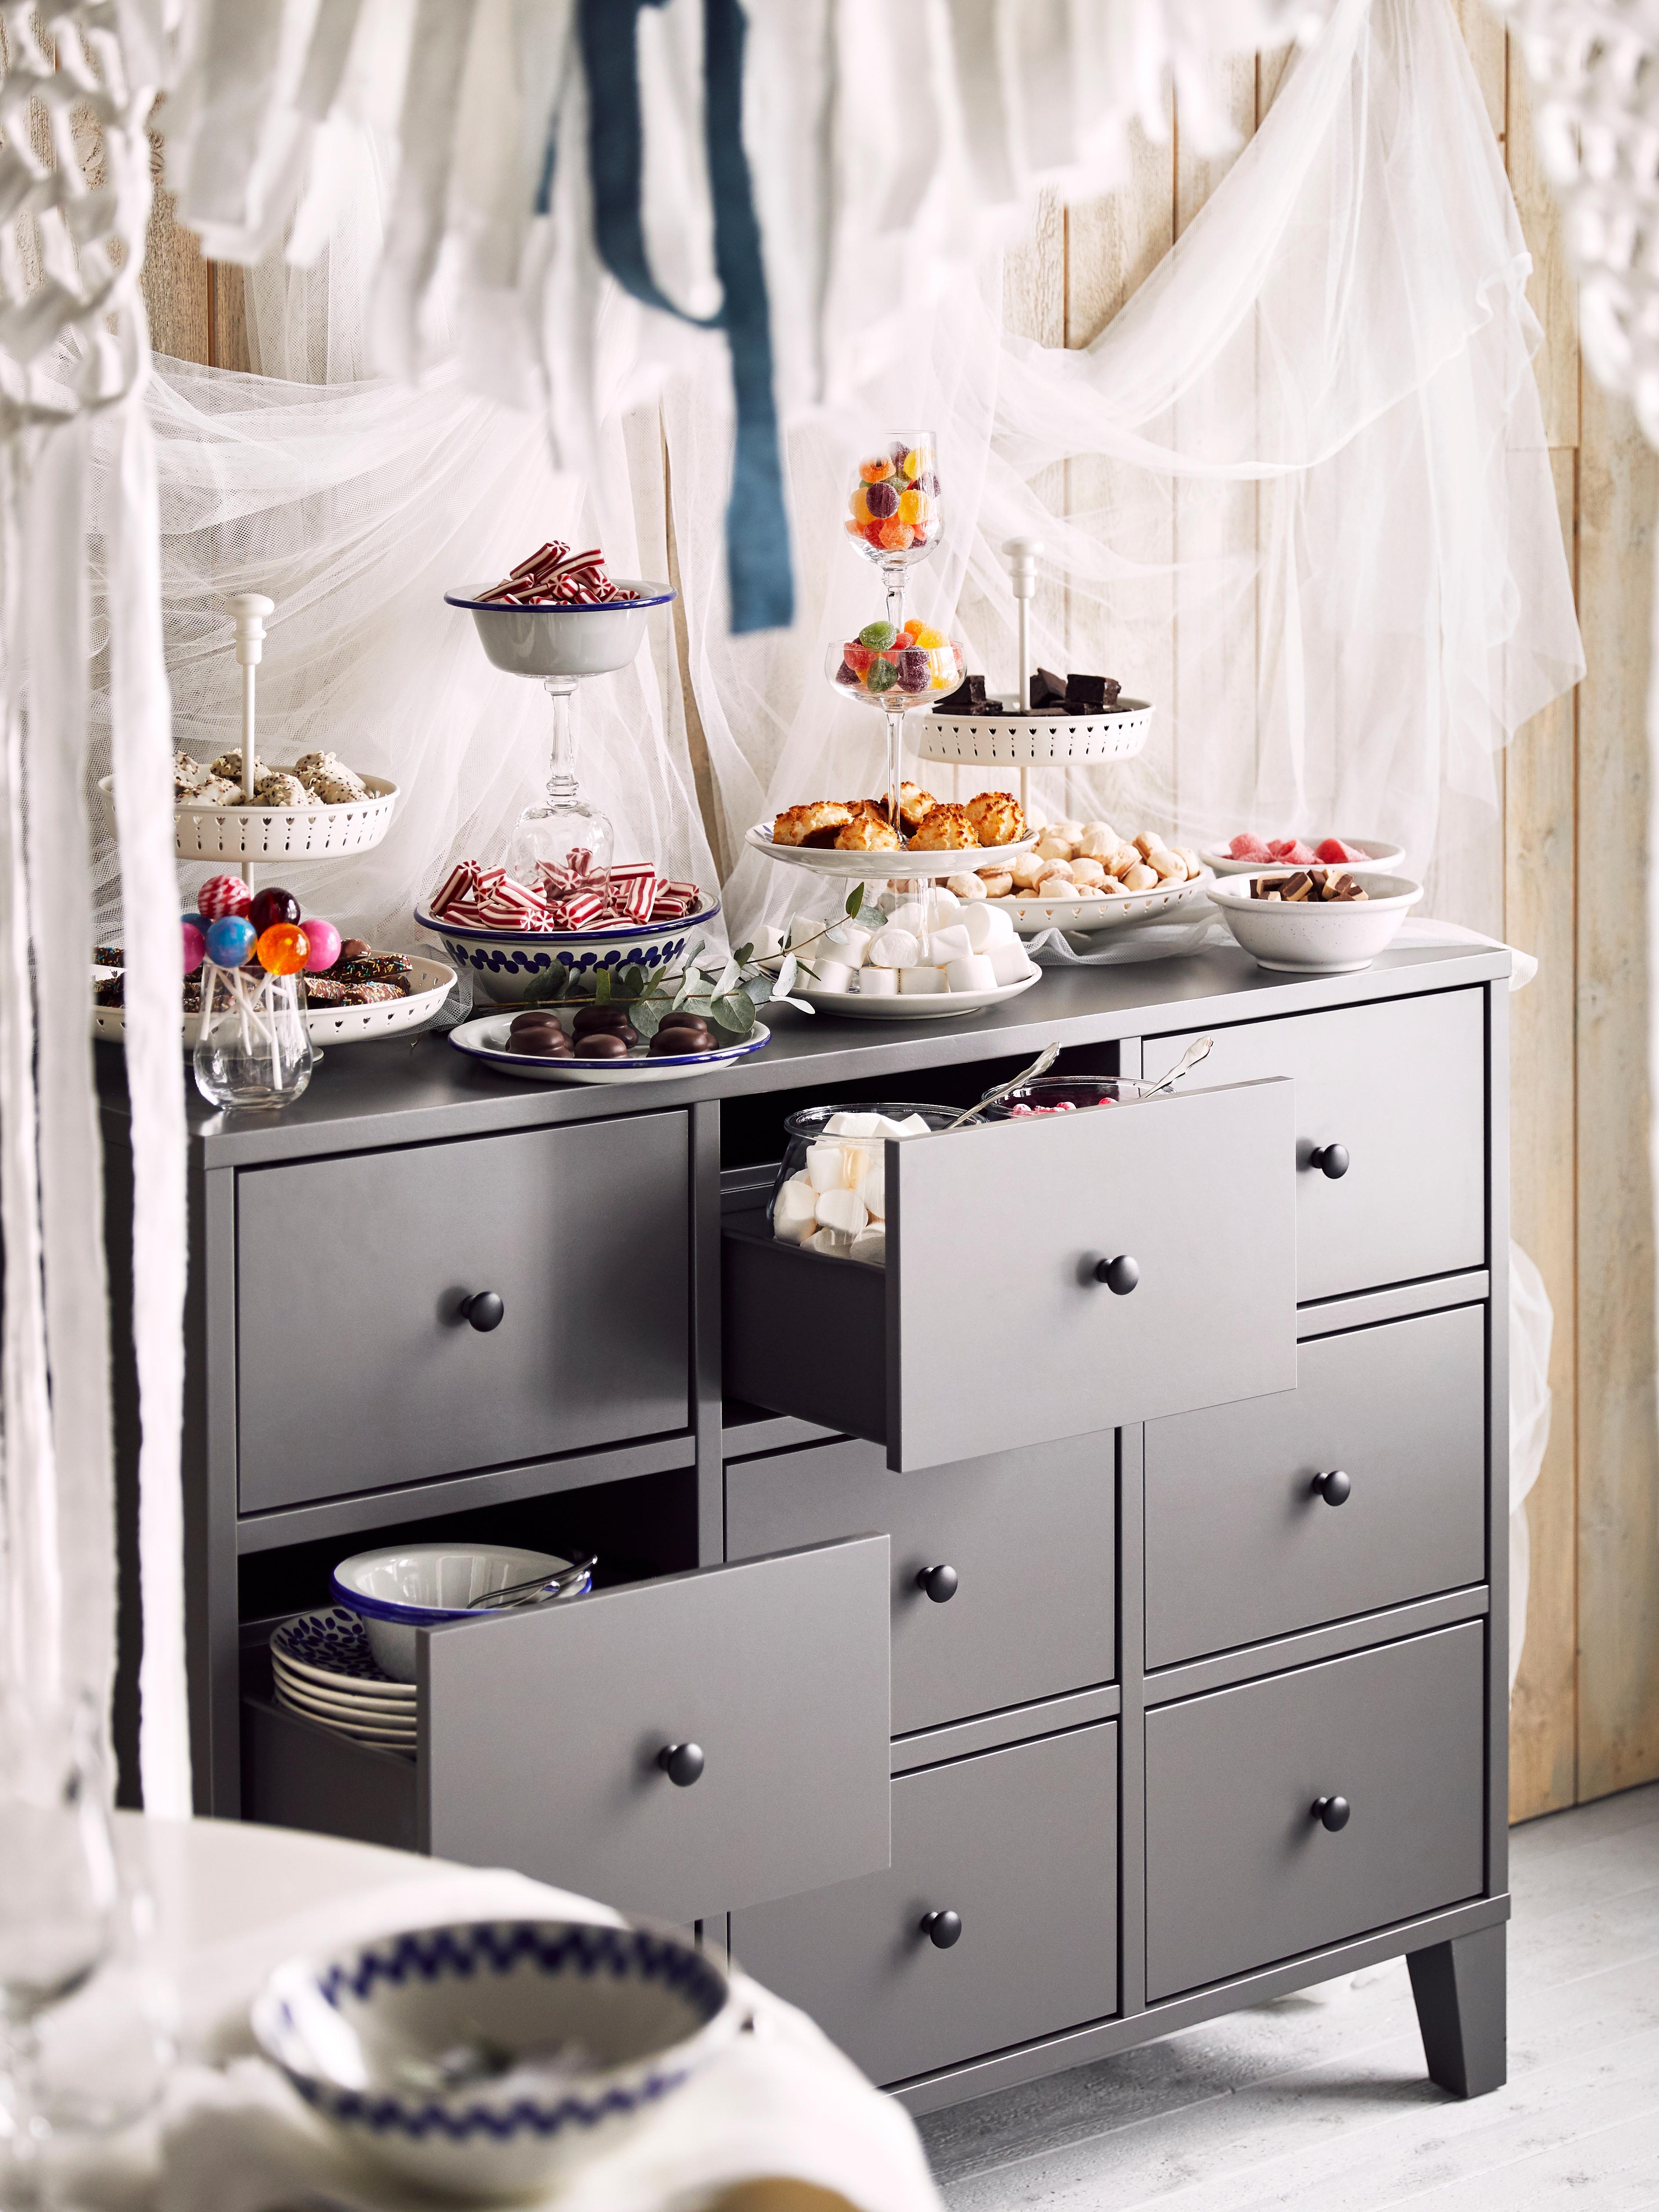 Commode neuf tiroirs BRYGGJA grise avec deux tiroirs ouverts, recouverte de bols et d'assiettes remplis de bonbons.